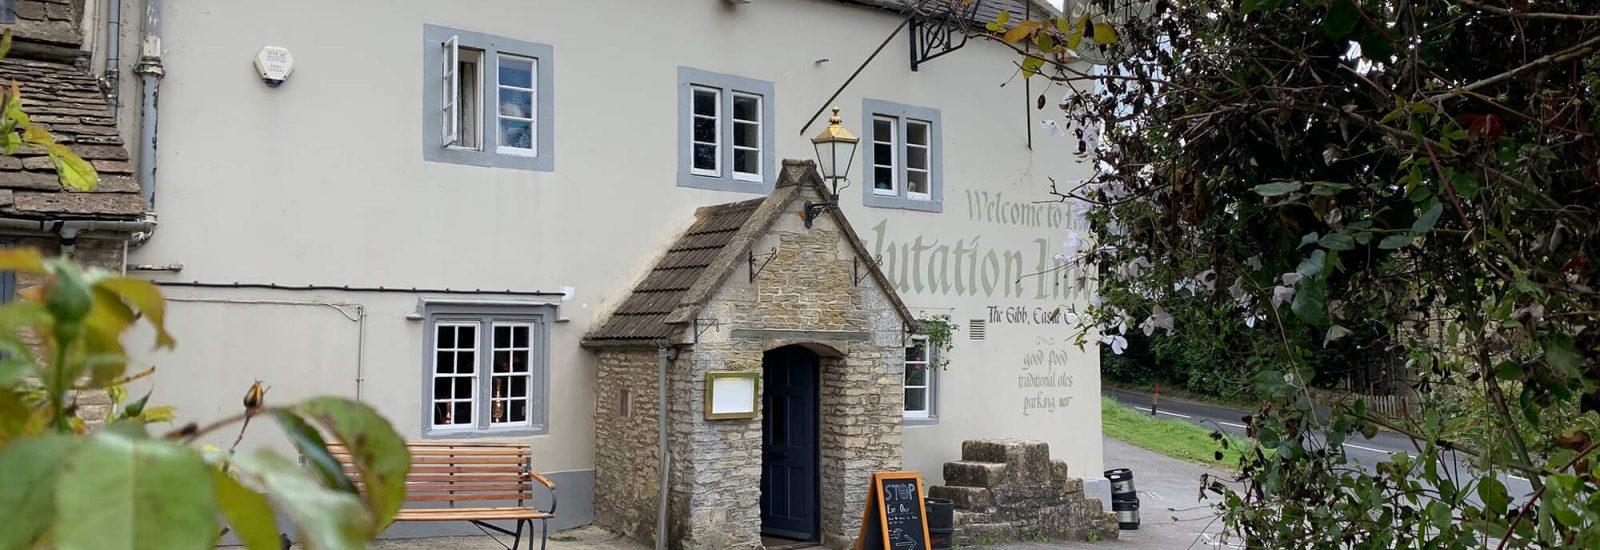 Image of The Salutation Inn